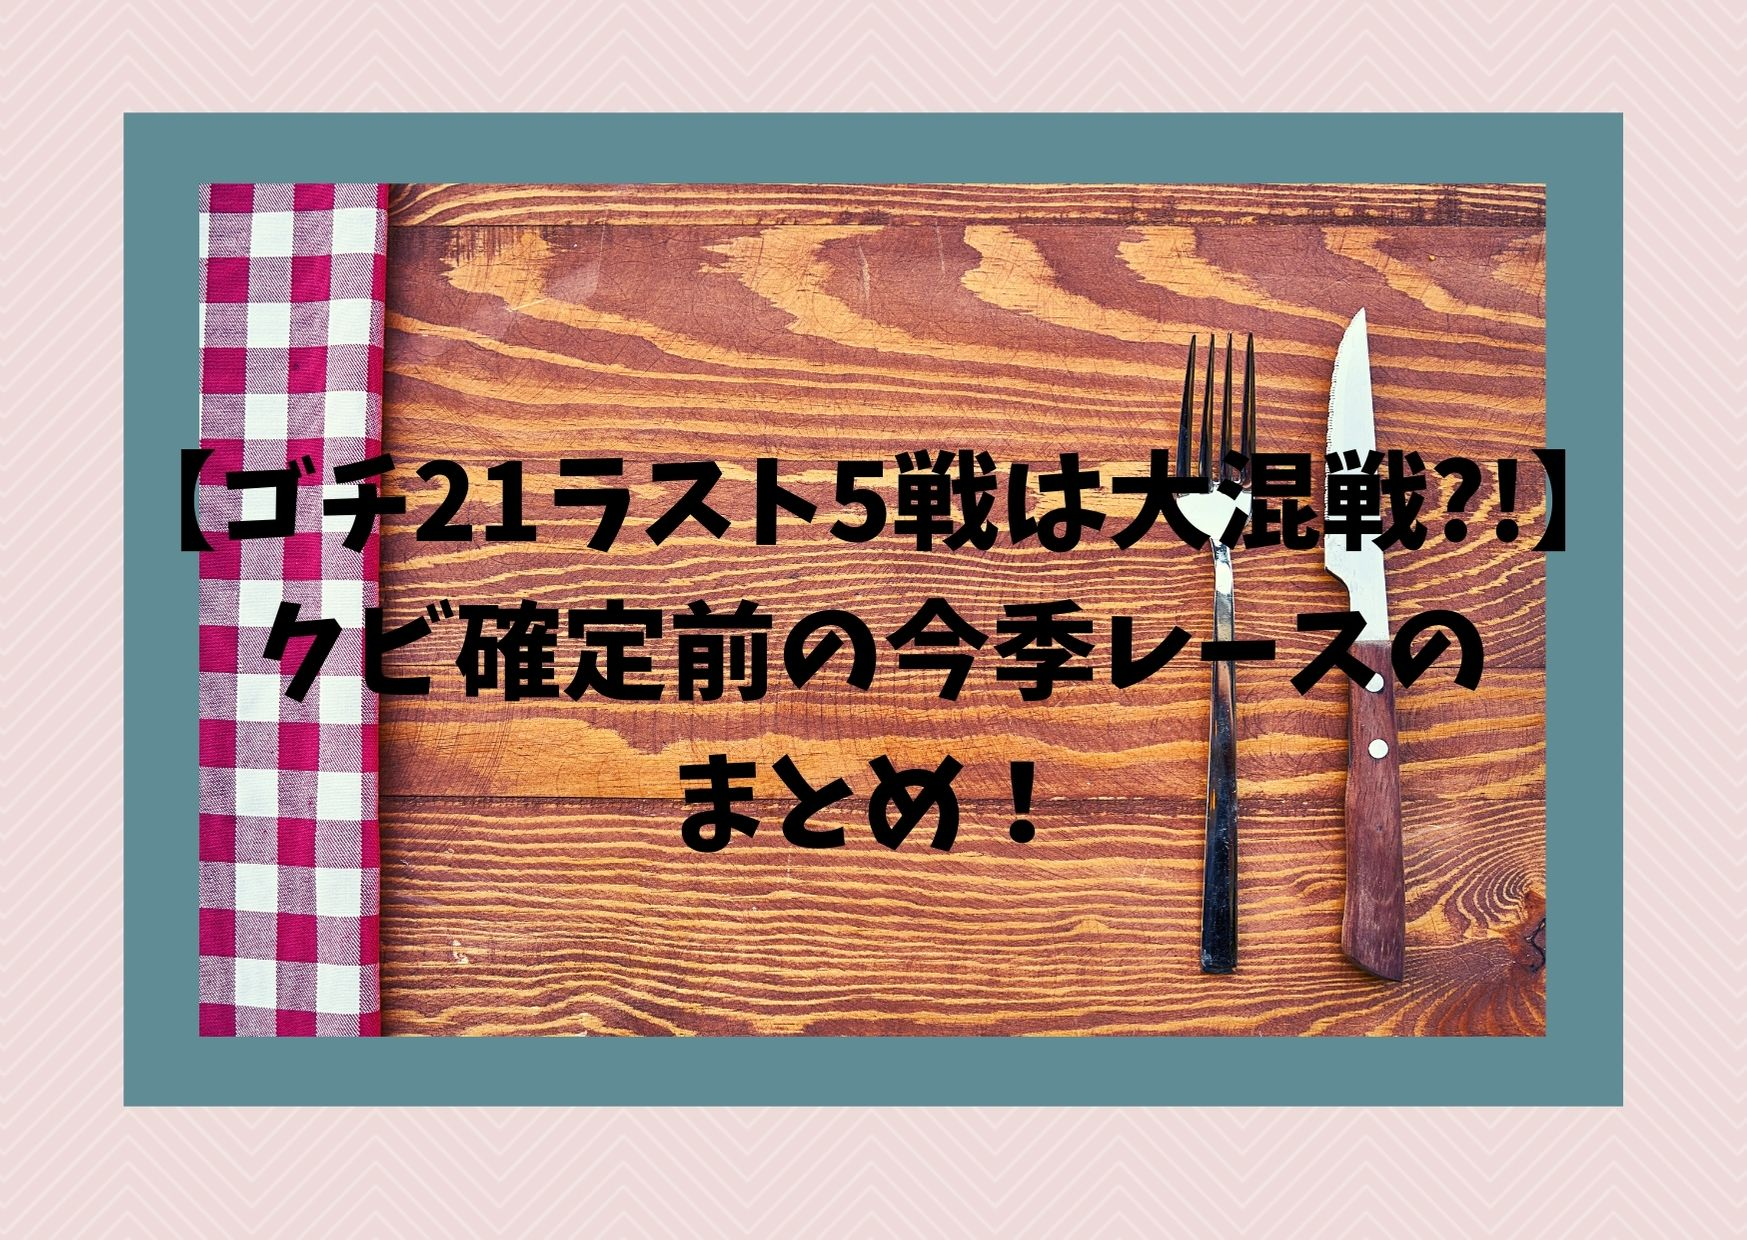 【ゴチ21ラスト5戦は大混戦?!】クビ確定前の今季レースのまとめ!